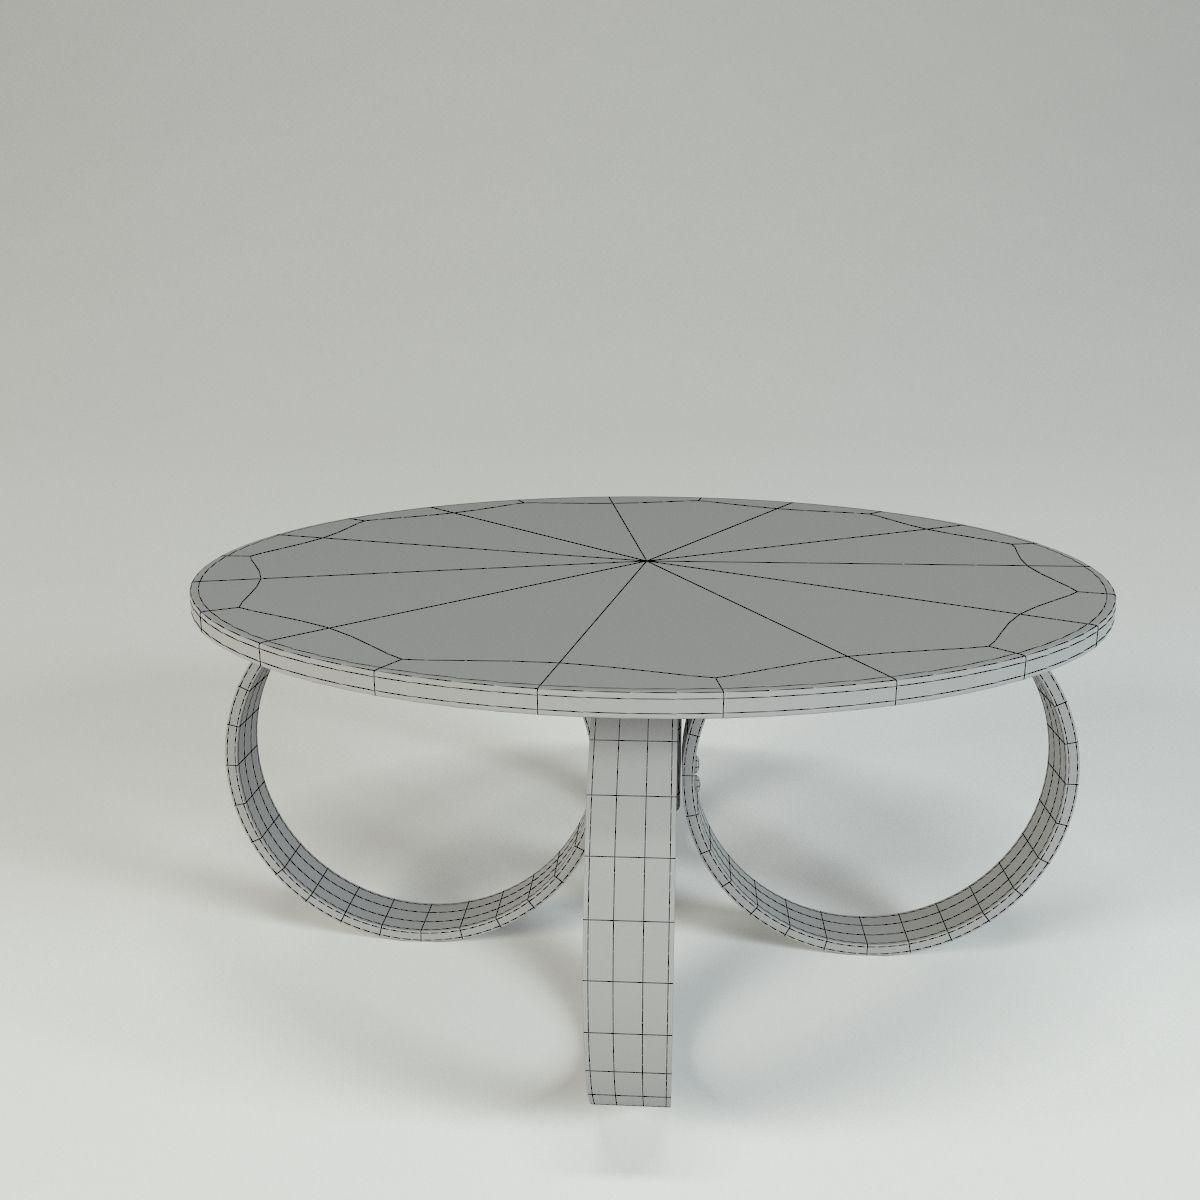 ... Circle Table 3d Model Max Obj 3ds Fbx 4